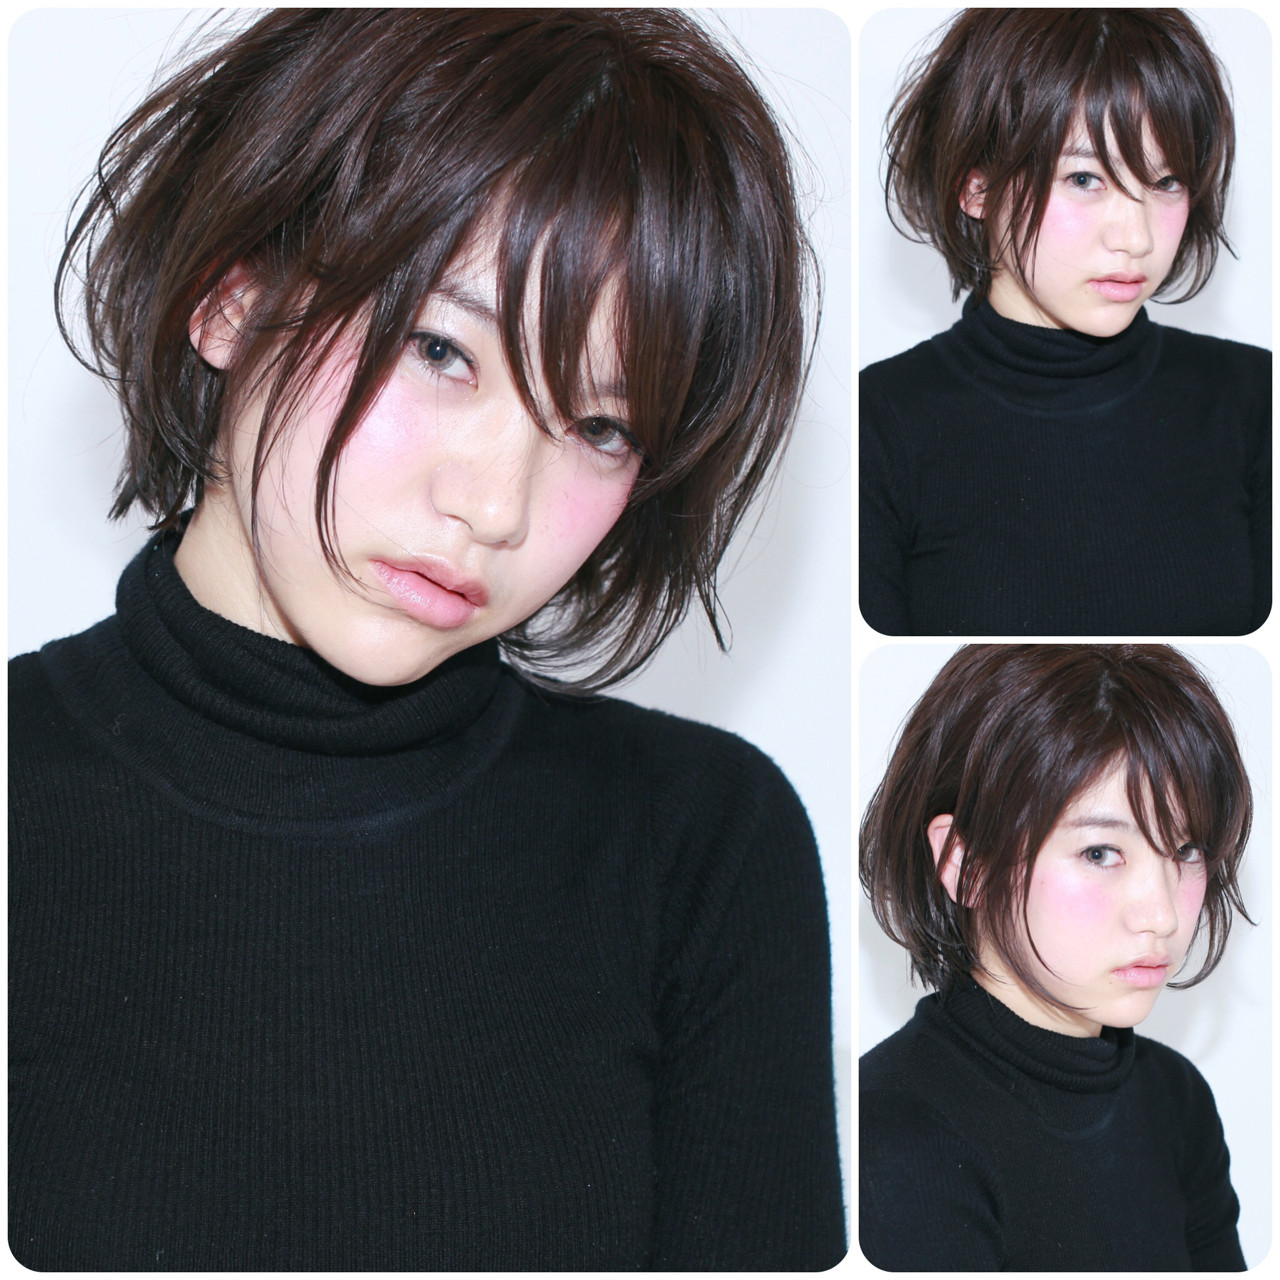 アッシュ ショート ショートボブ 黒髪 ヘアスタイルや髪型の写真・画像